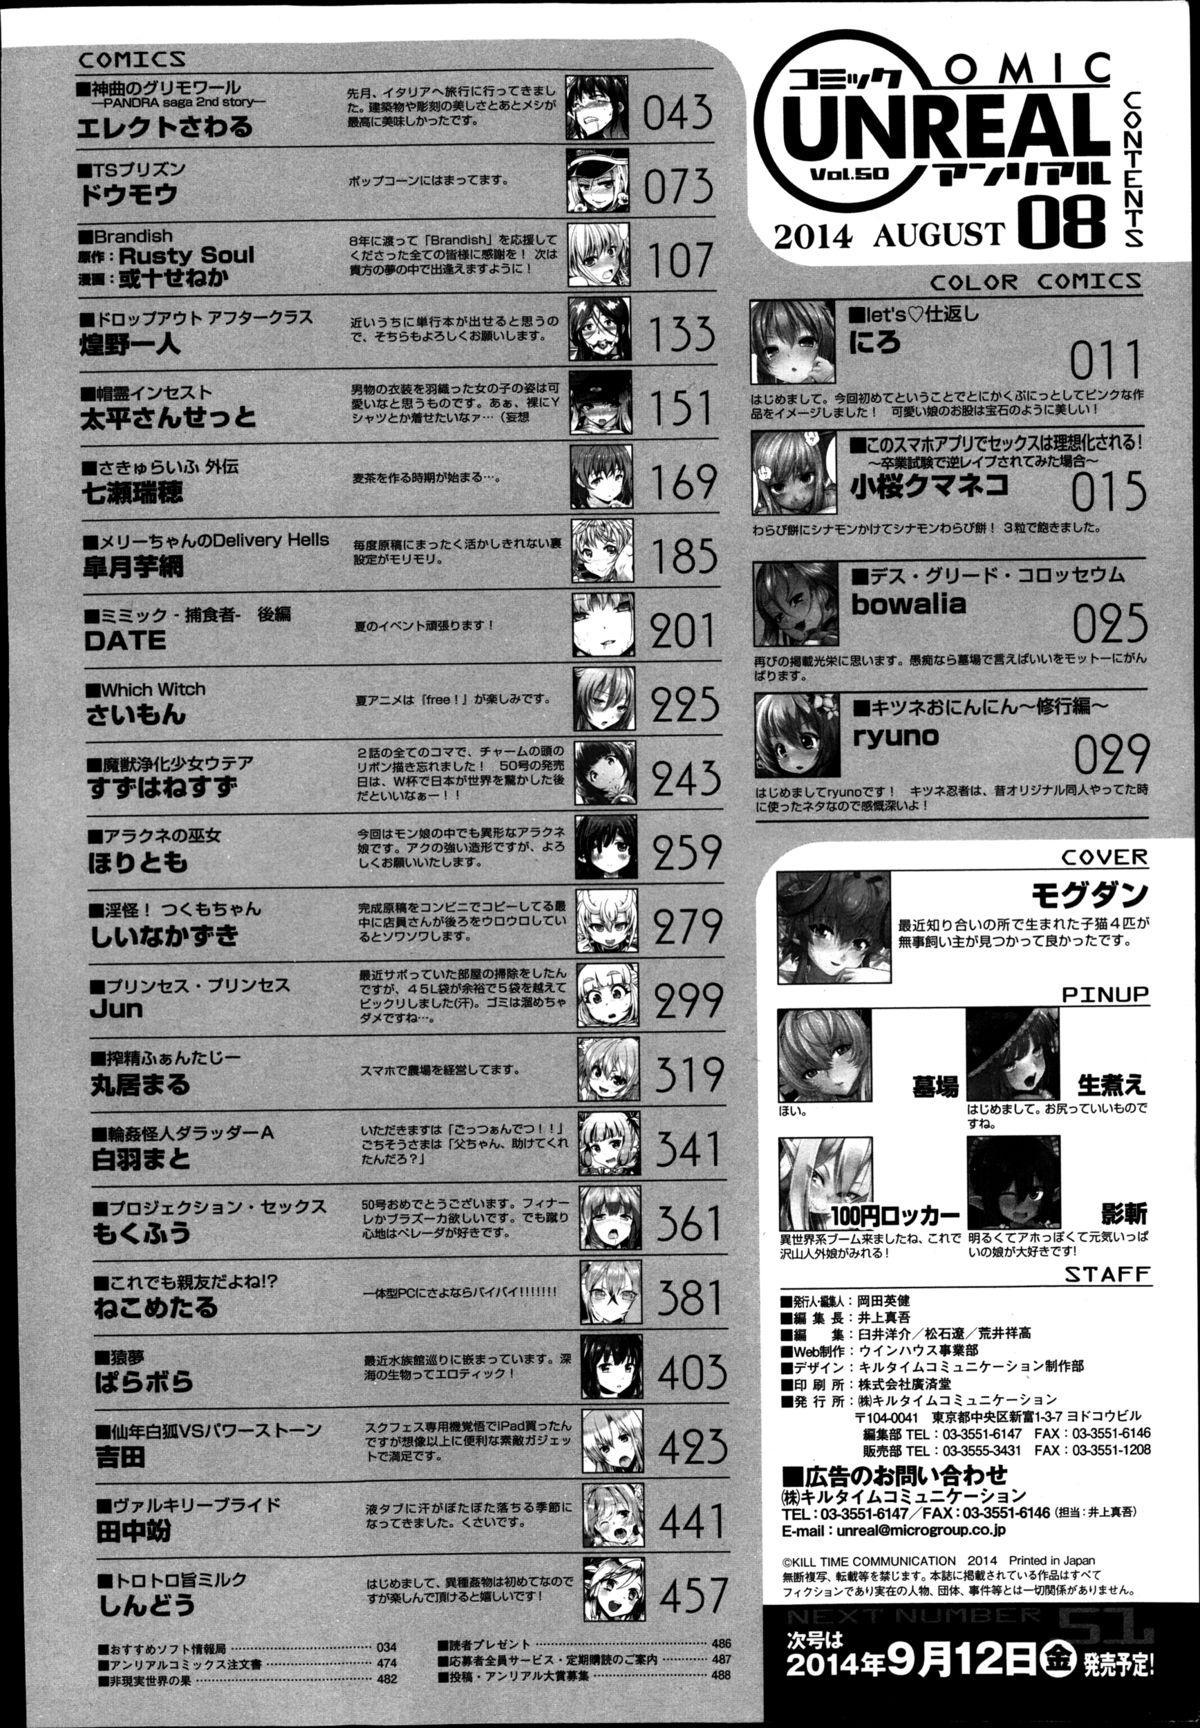 COMIC Unreal 2014-08 Vol.50 485